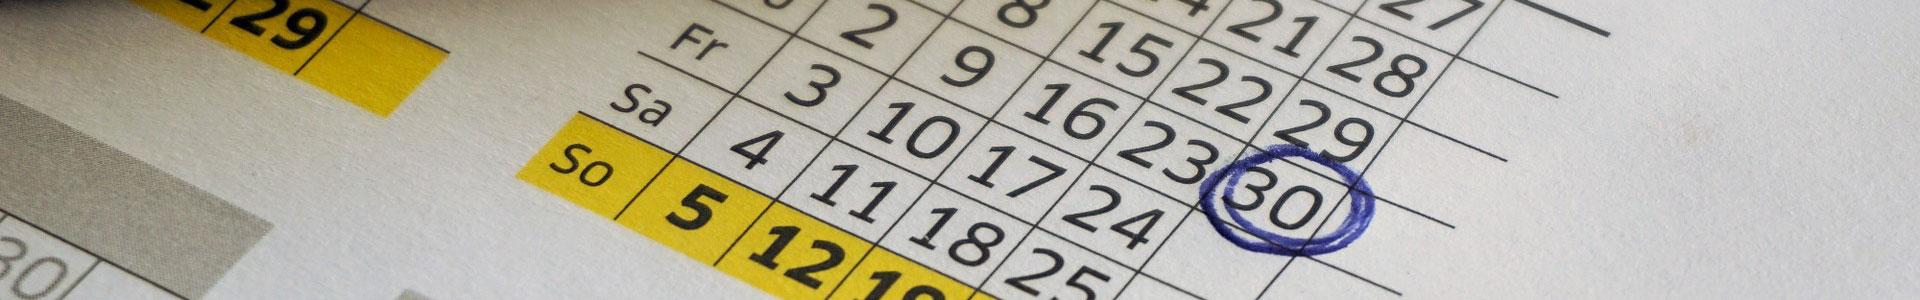 Weiterbildung Kiel | Kalender | Garantietermine | Termine mit Durchführungsgarantie | Förde Campus